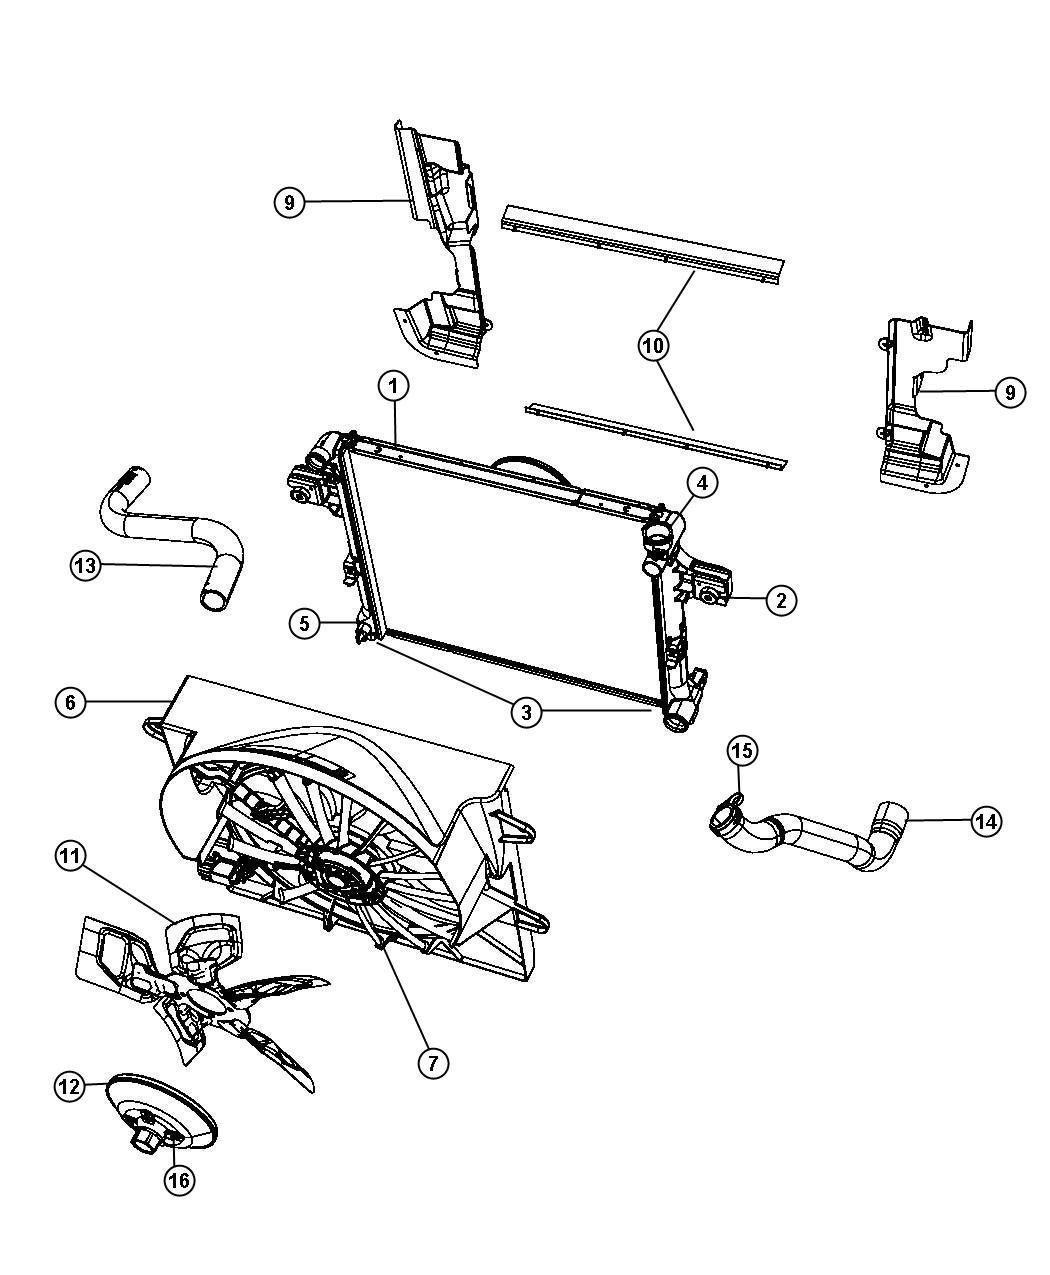 tags: #jeep tj headlight wiring harness#2000 jeep wiring harness#jeep tj  fog light wiring#jeep wrangler trailer wiring harness#jeep tj wiring diagram #jeep